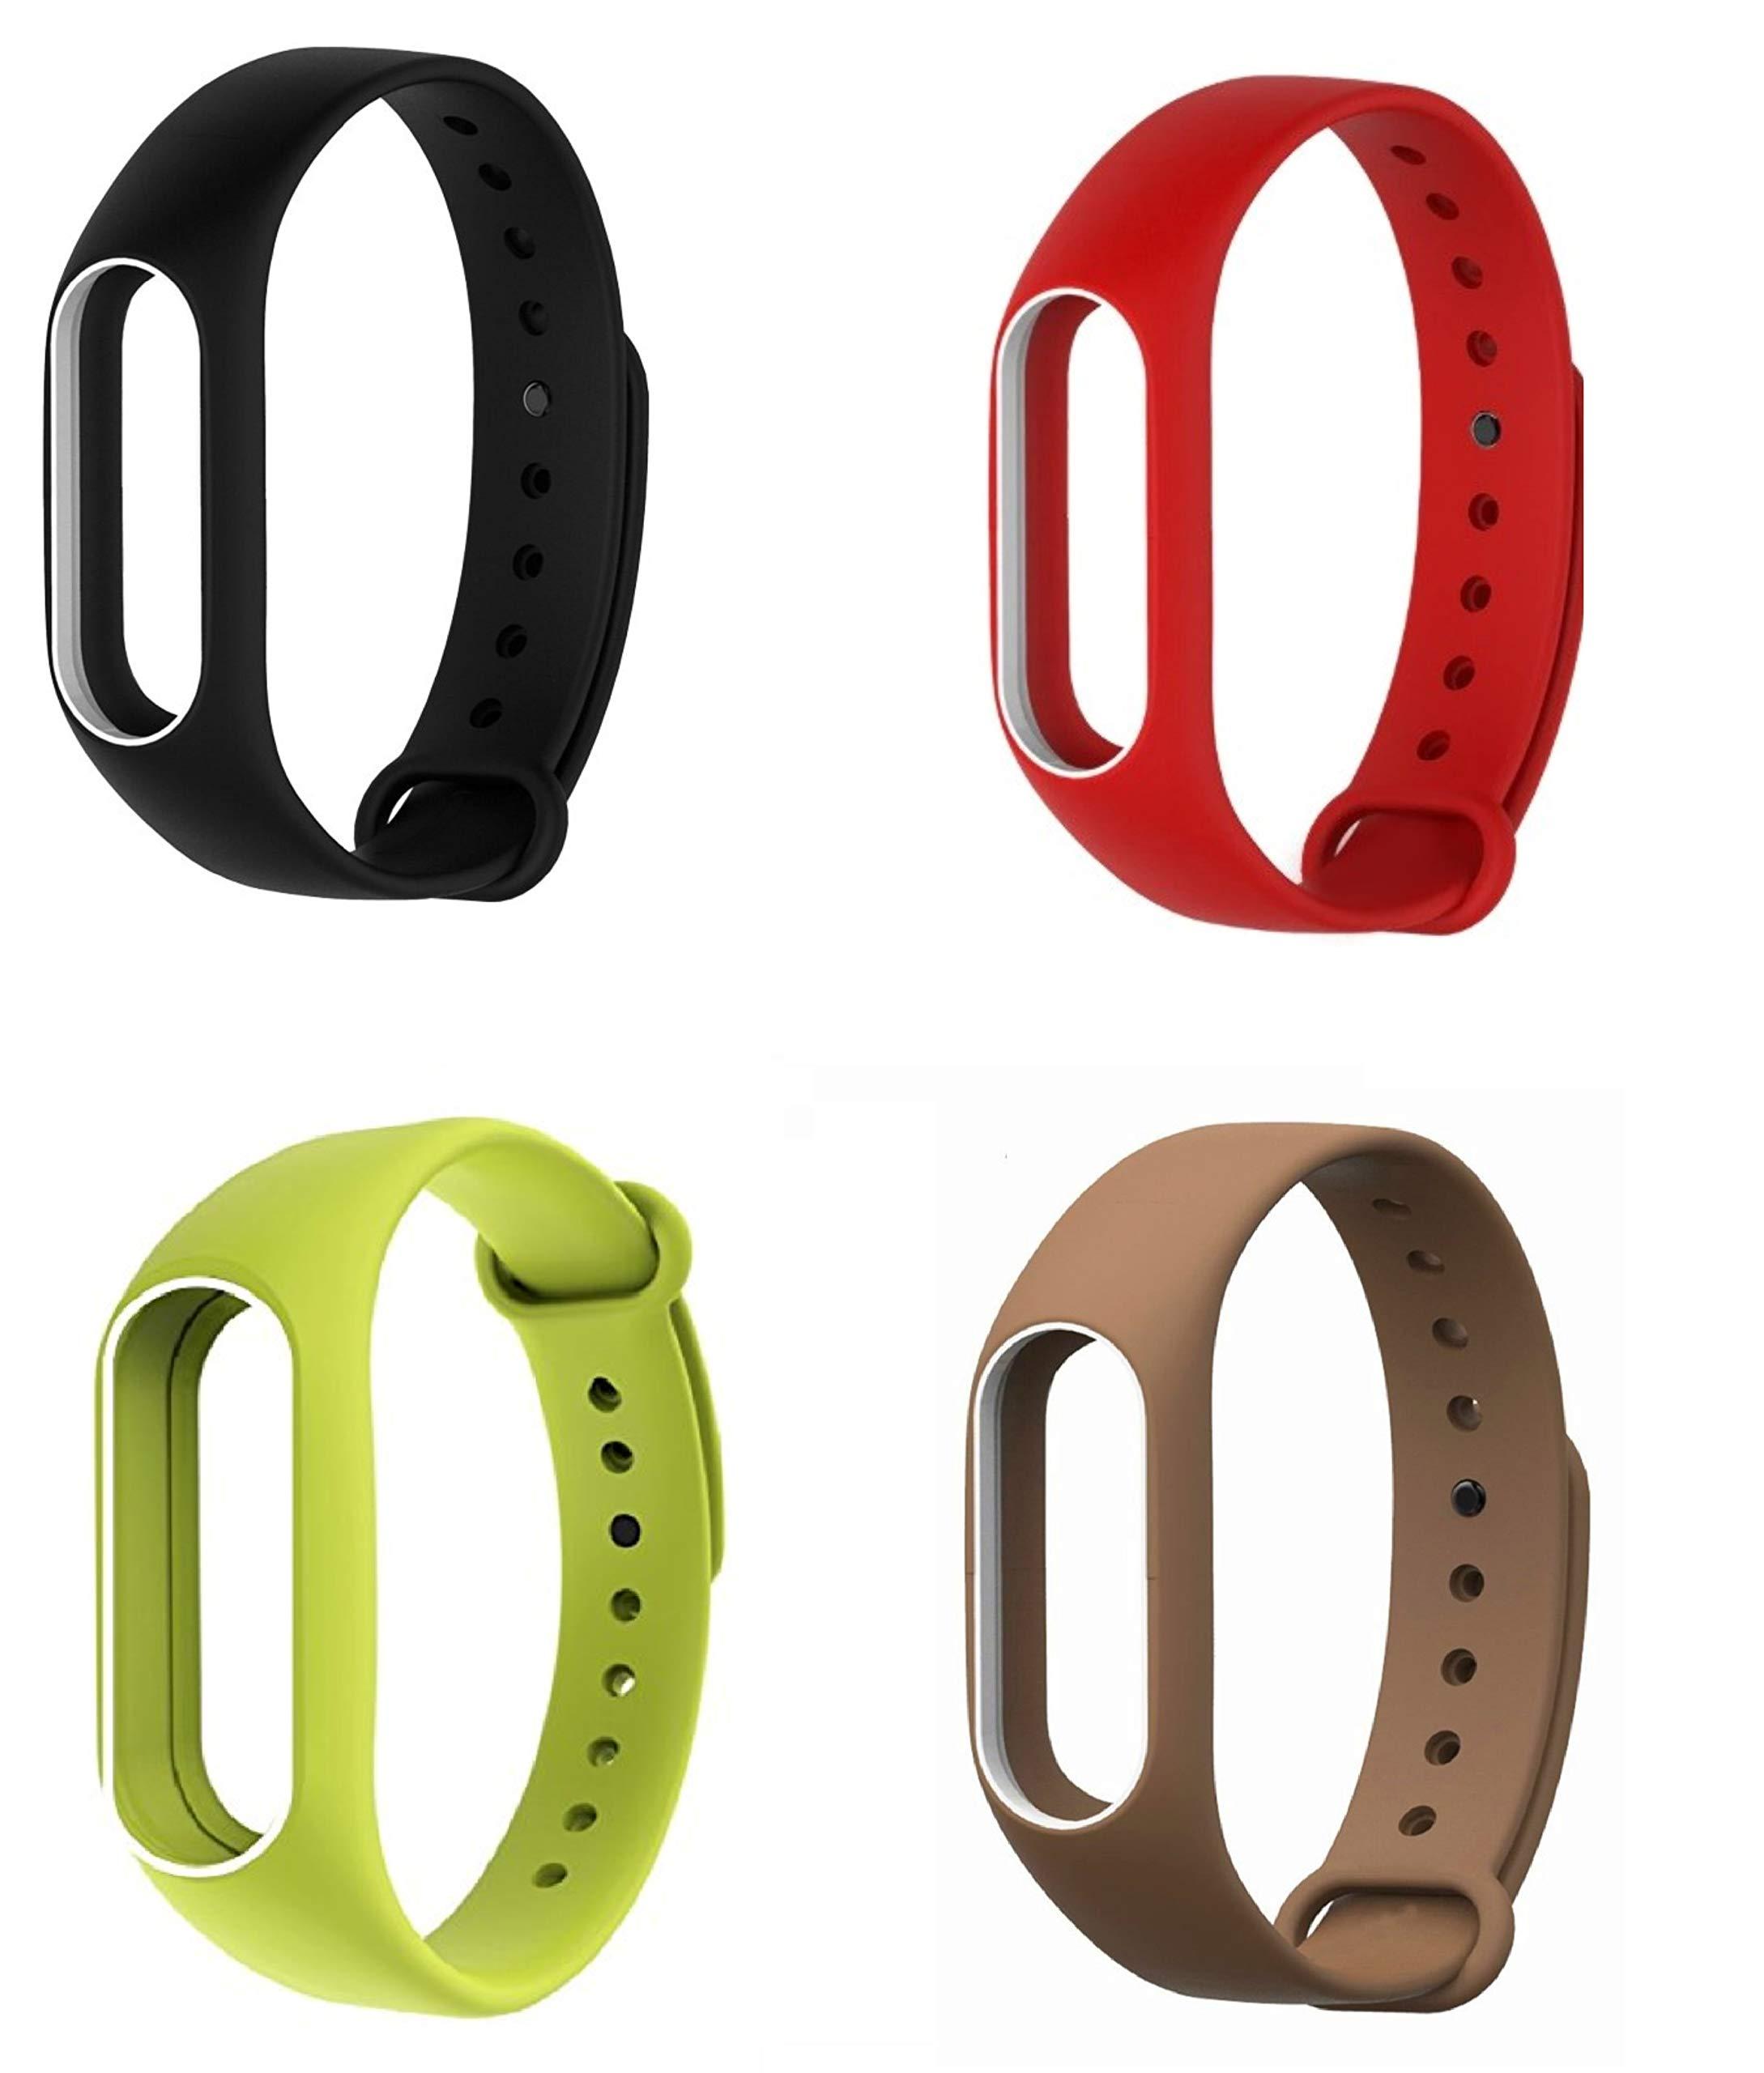 Rapidotzz Wristbands Wireless Bracelet Silicone Band for Xiaomi Mi 2 / Tracker Not Included